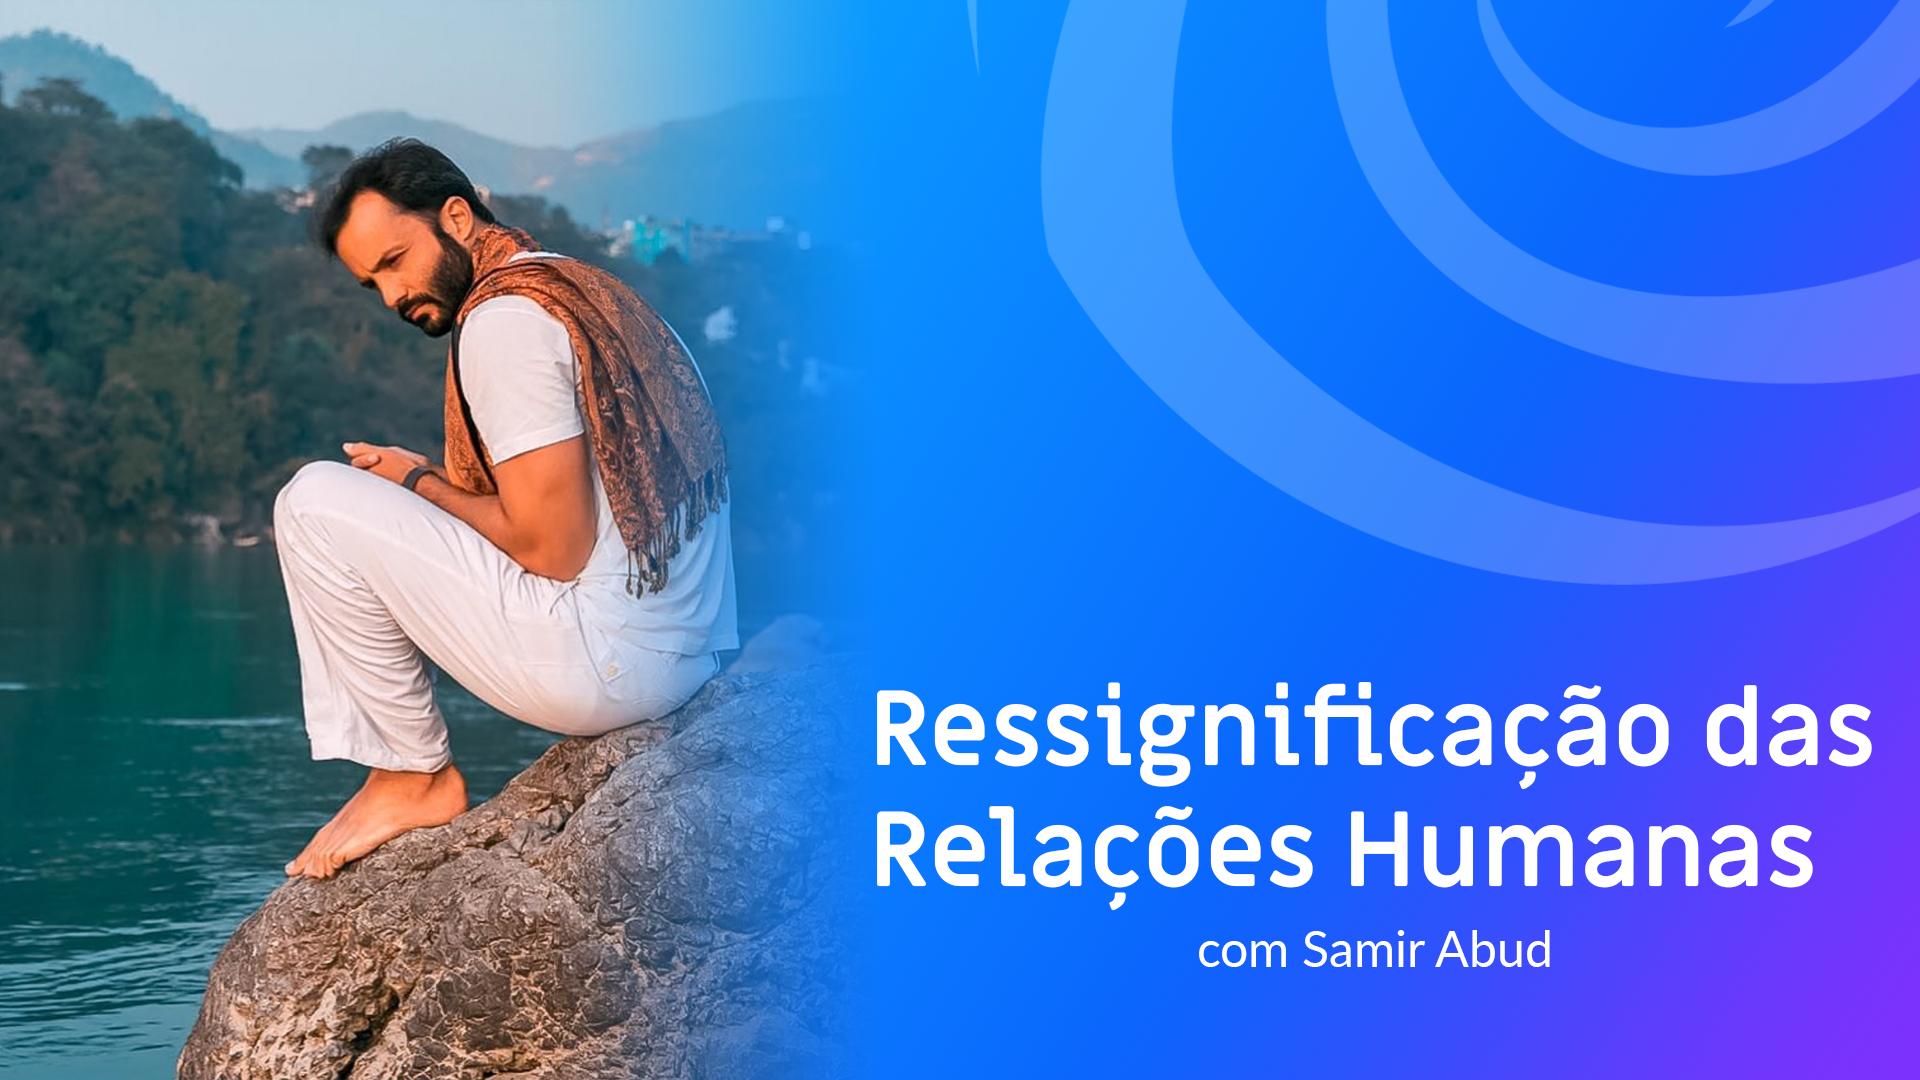 Ressignificação das Relações Humanas